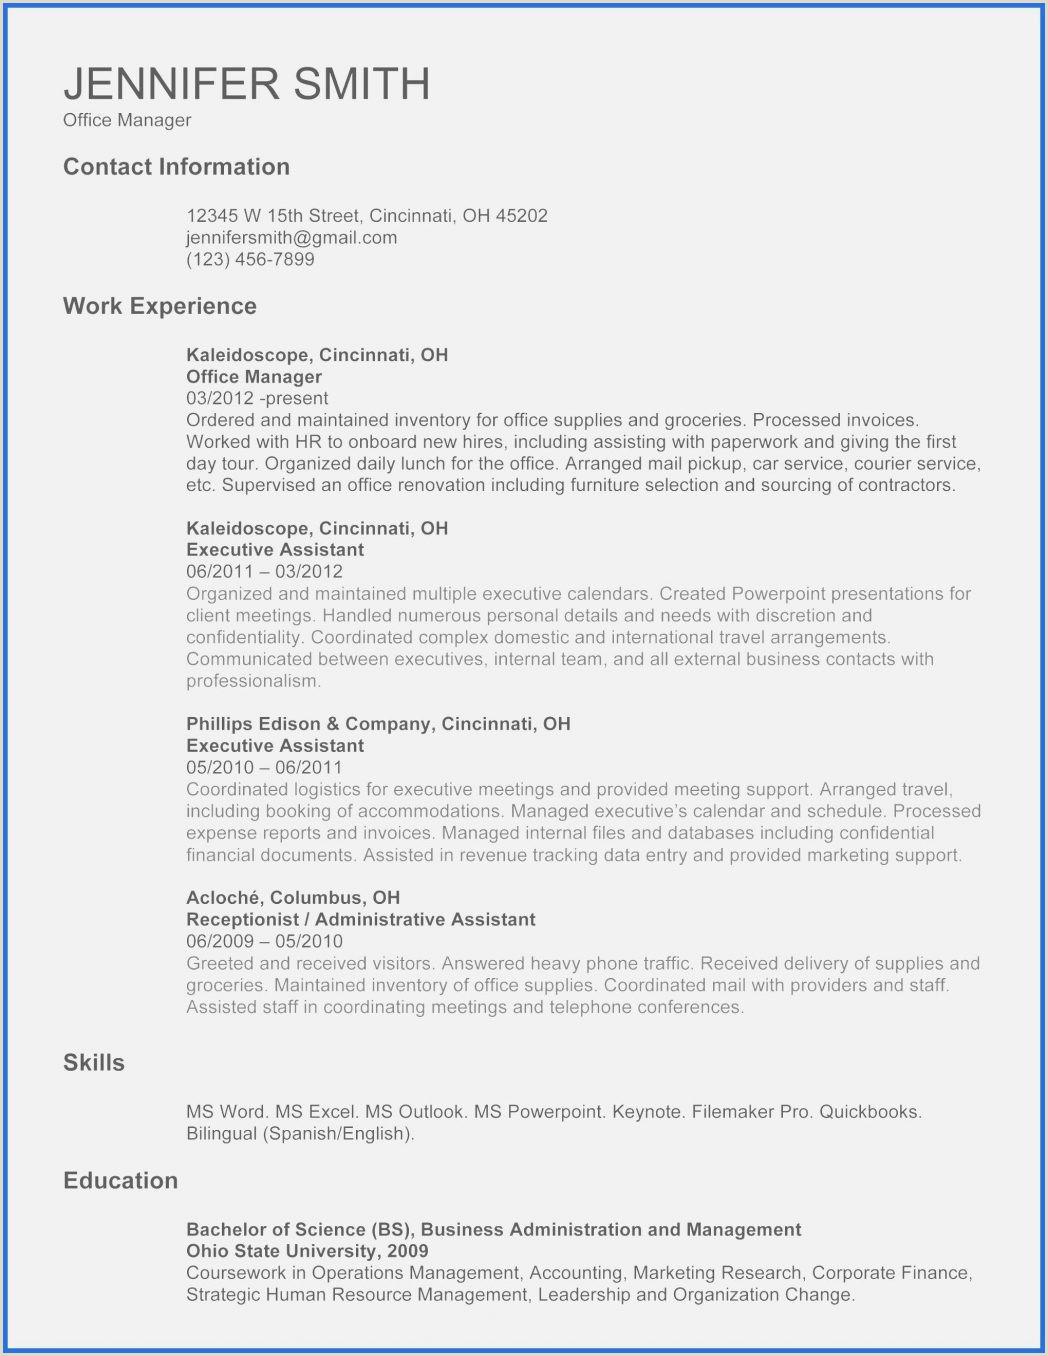 Bewerbungsunterlagen Vorlage Word 2010 Salumguilher E for